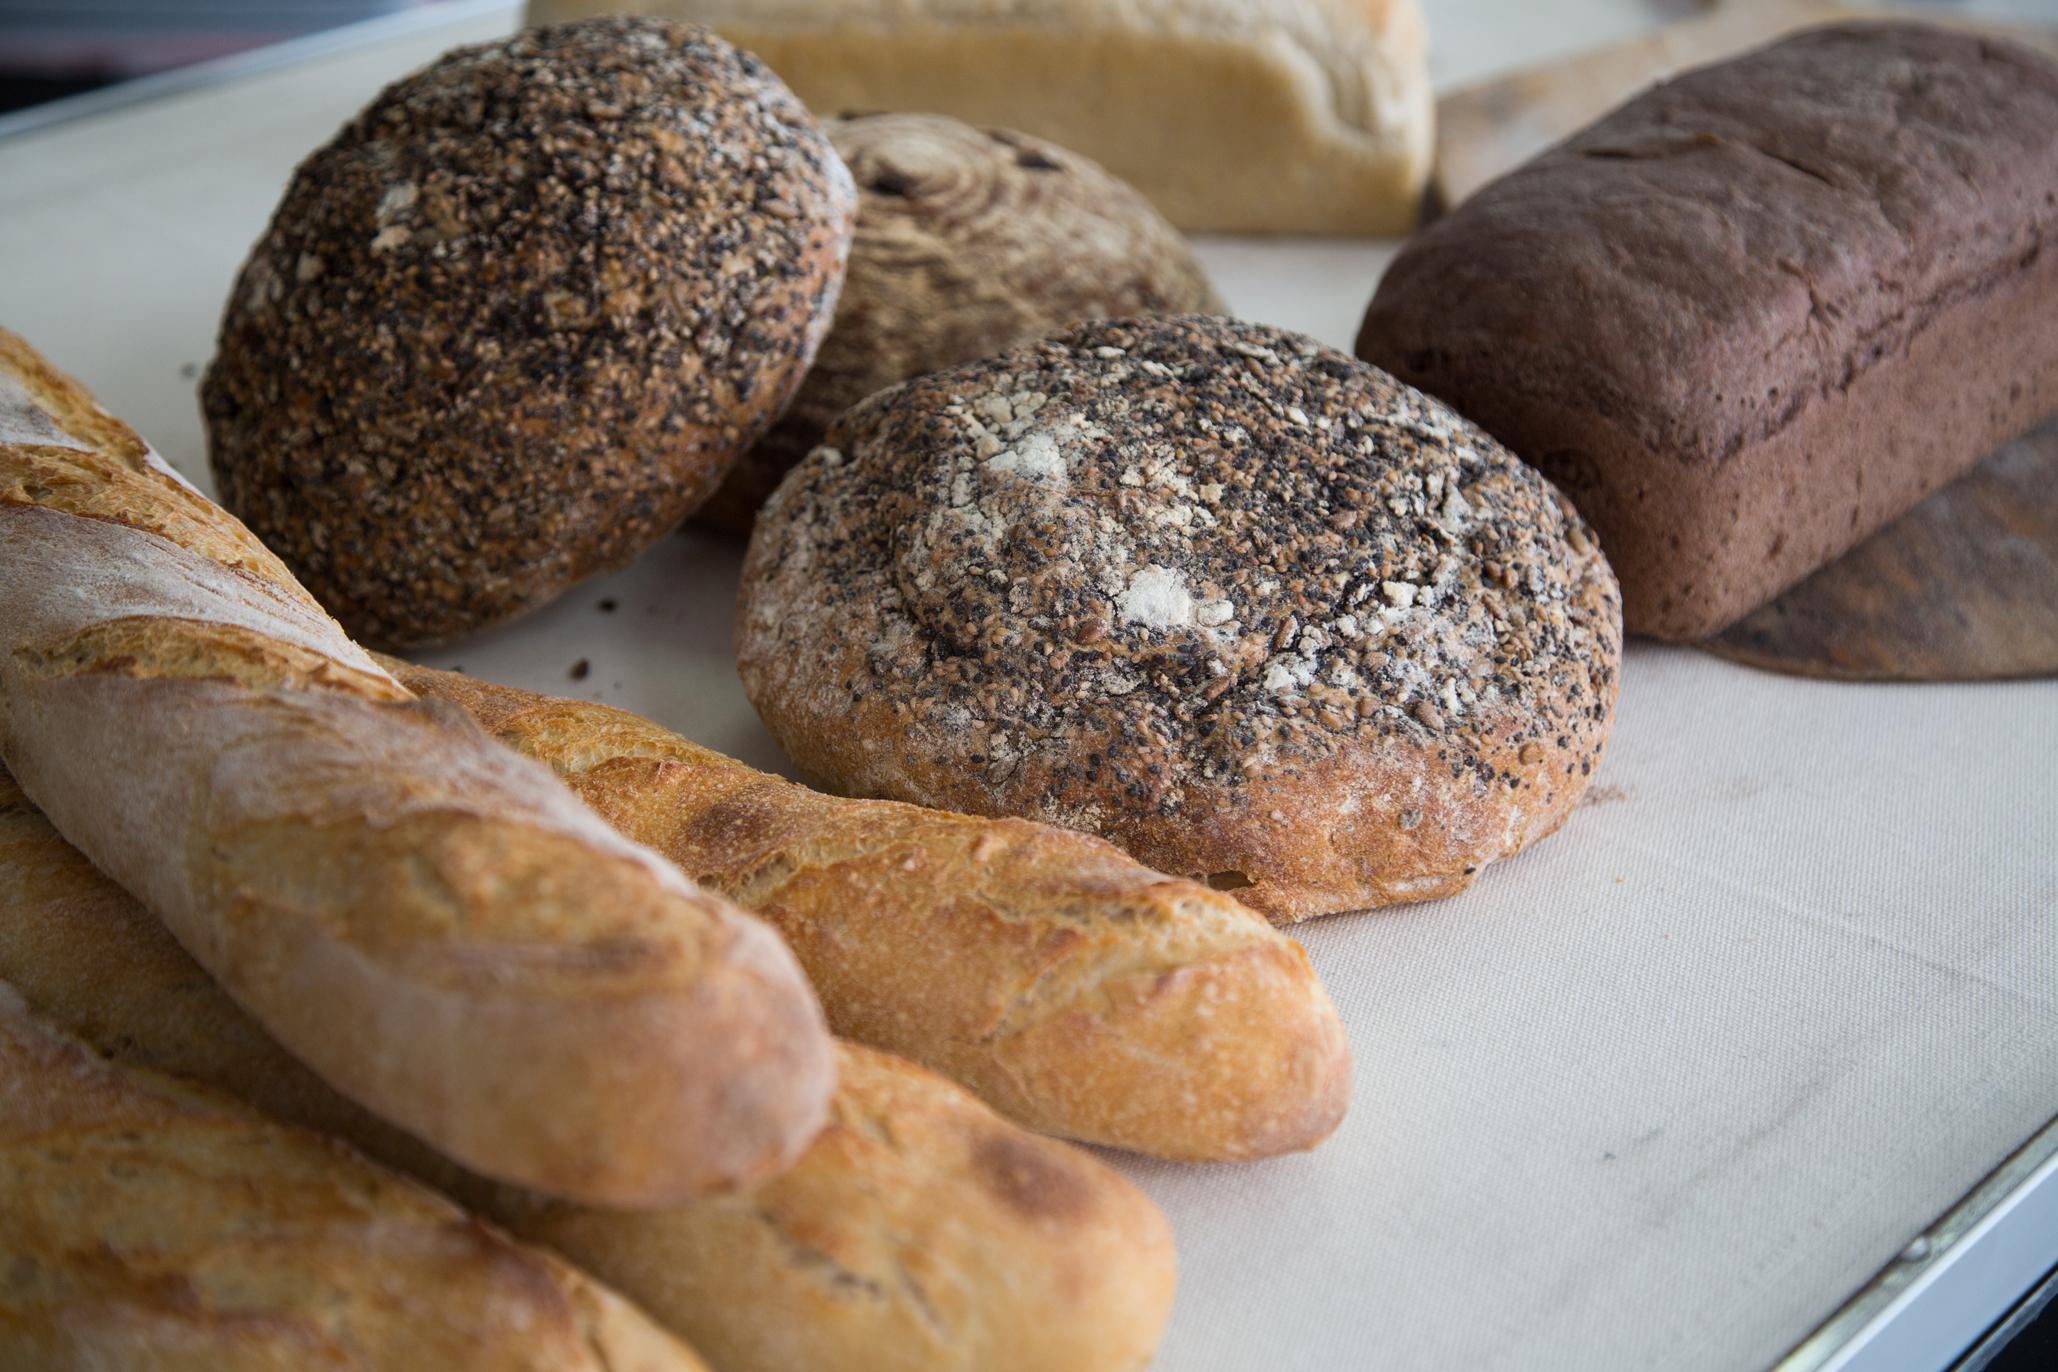 Eminenta, panadería artesanal de la chef Jessica Luna